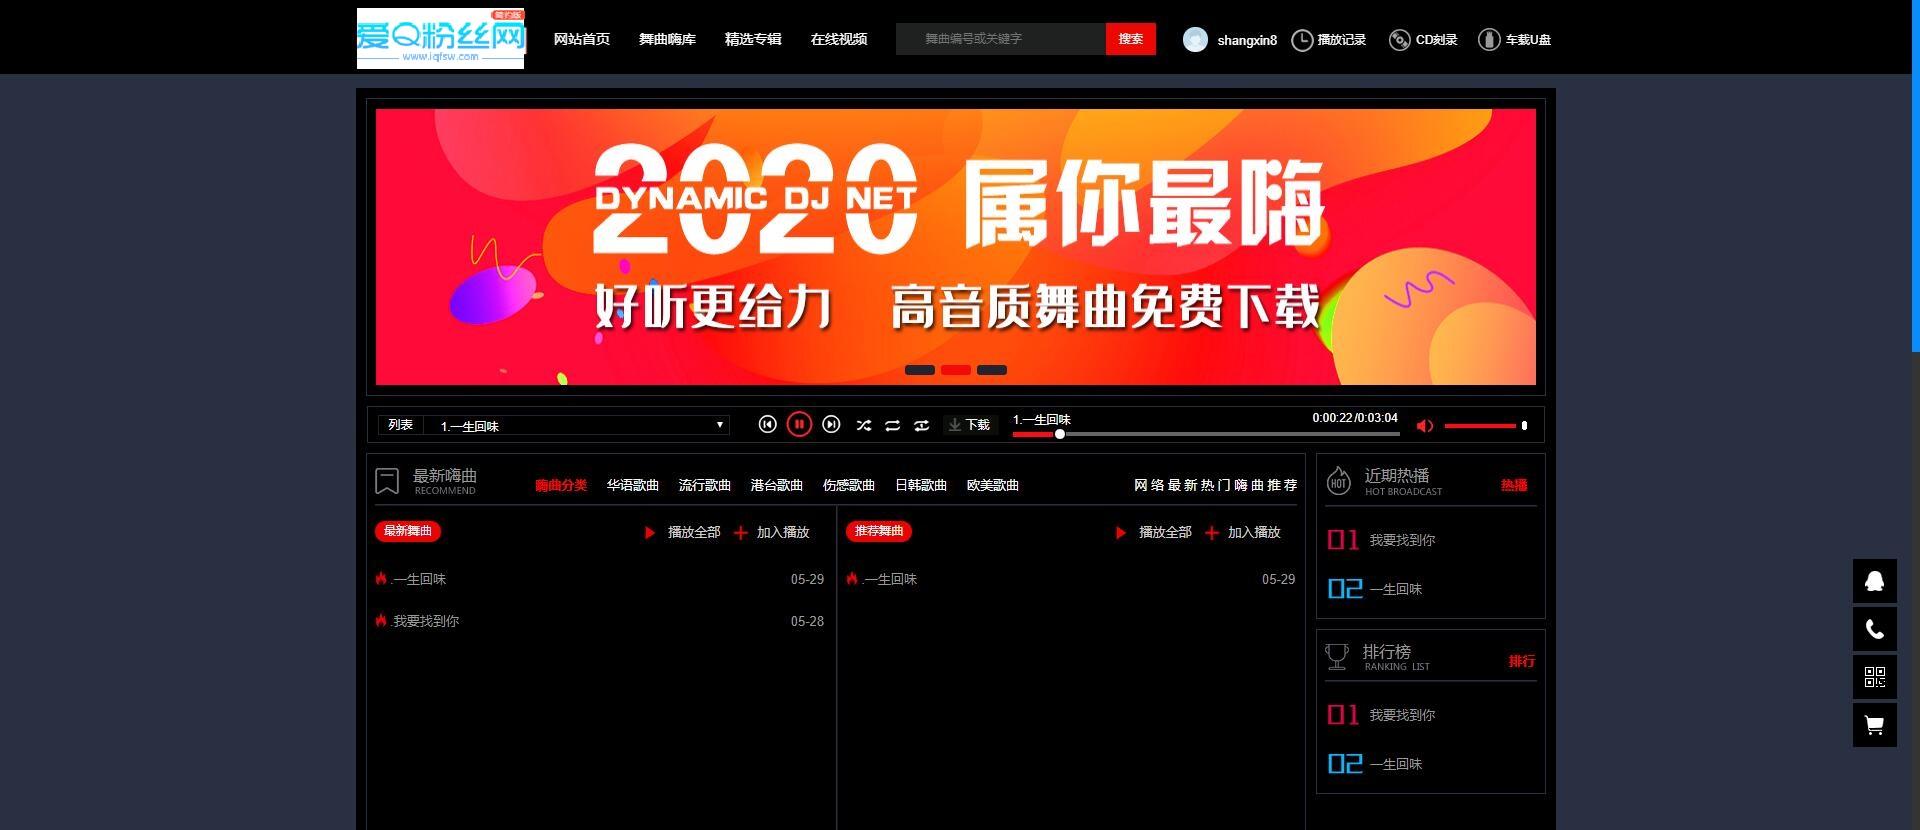 程氏CSCMS V4.1黑色风格DJ舞曲模板(全新设计)